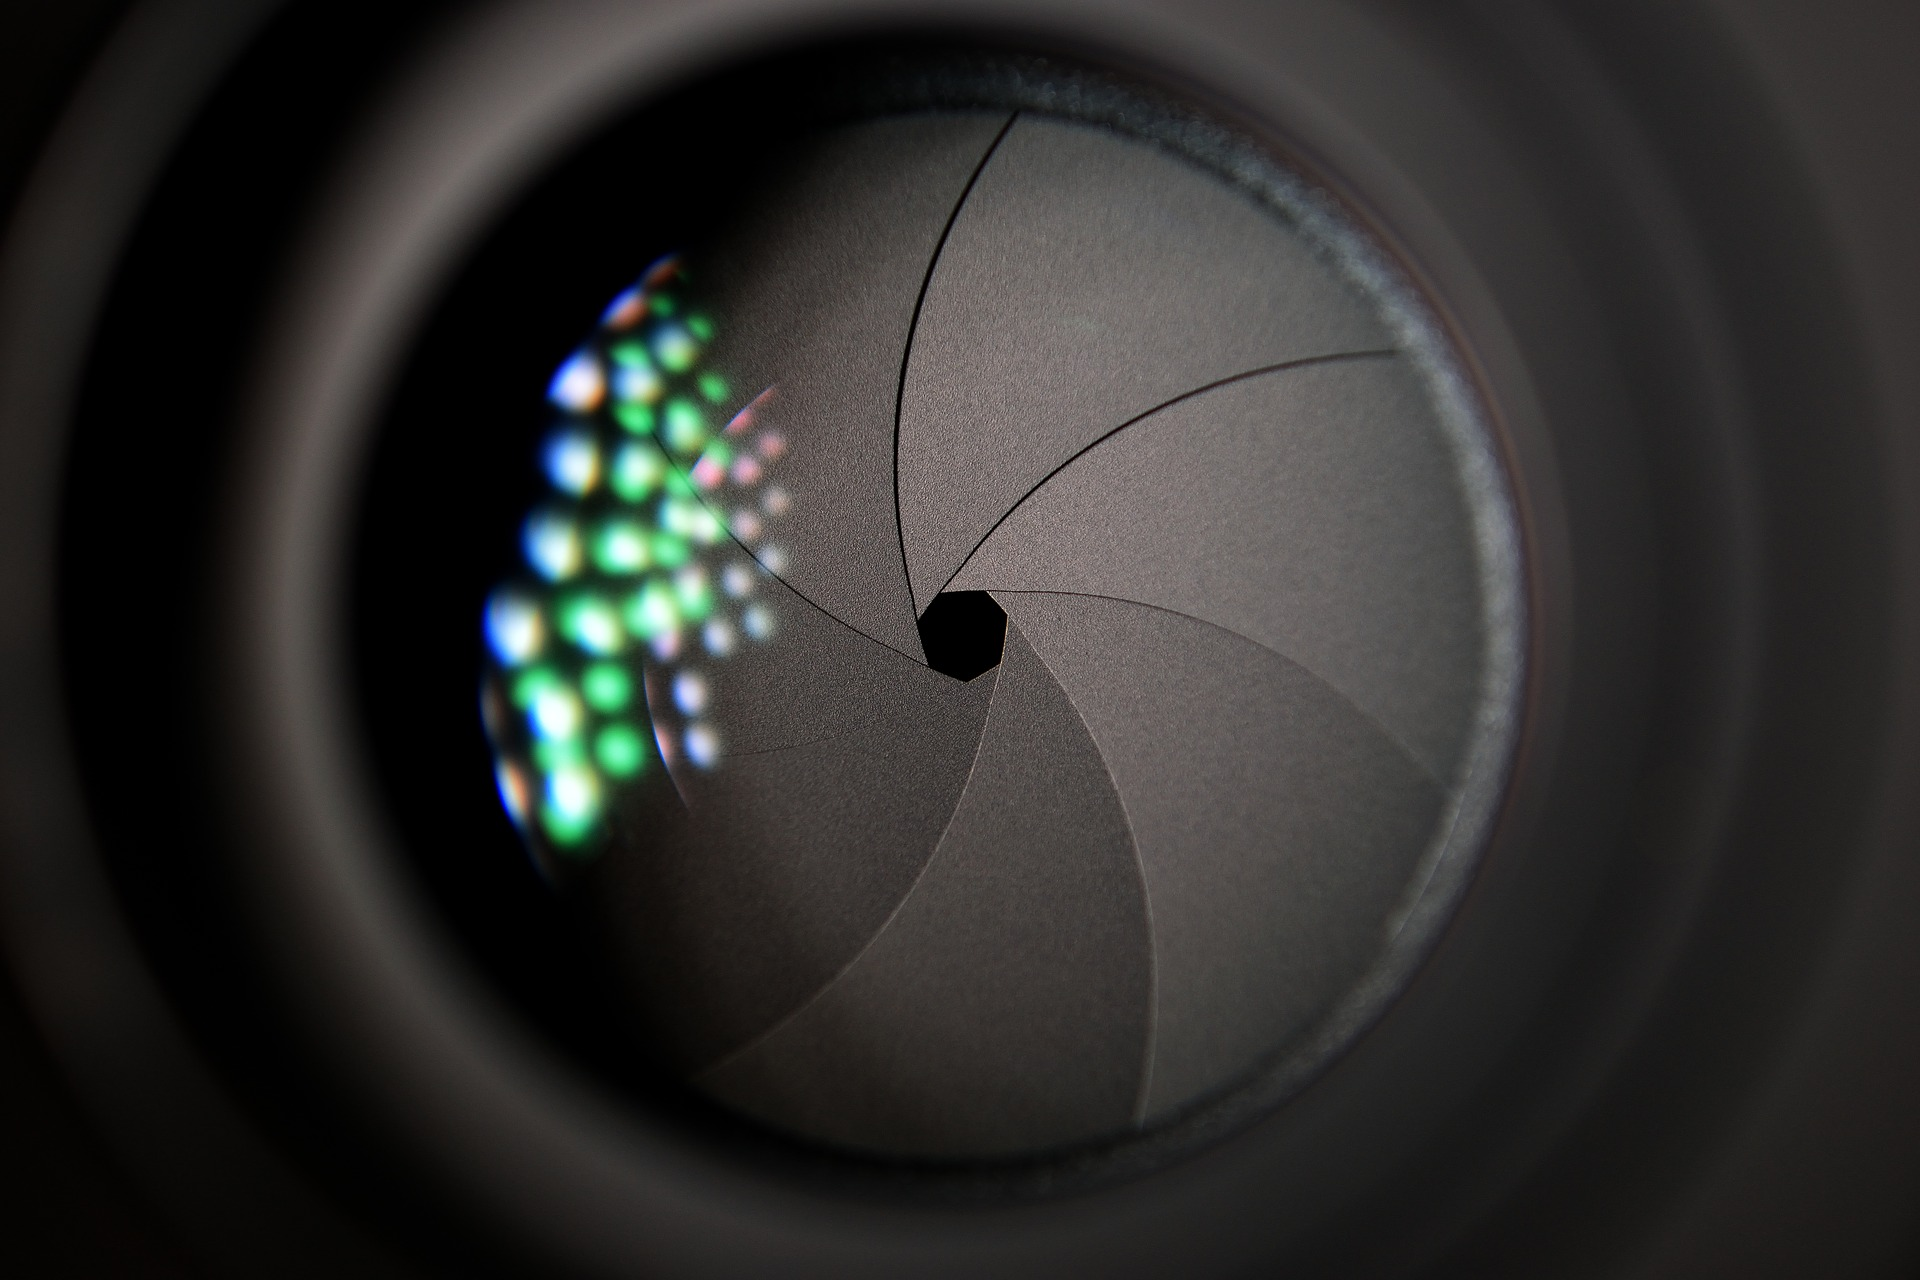 samsung galaxy s9 - aparat - zmienna przysłona